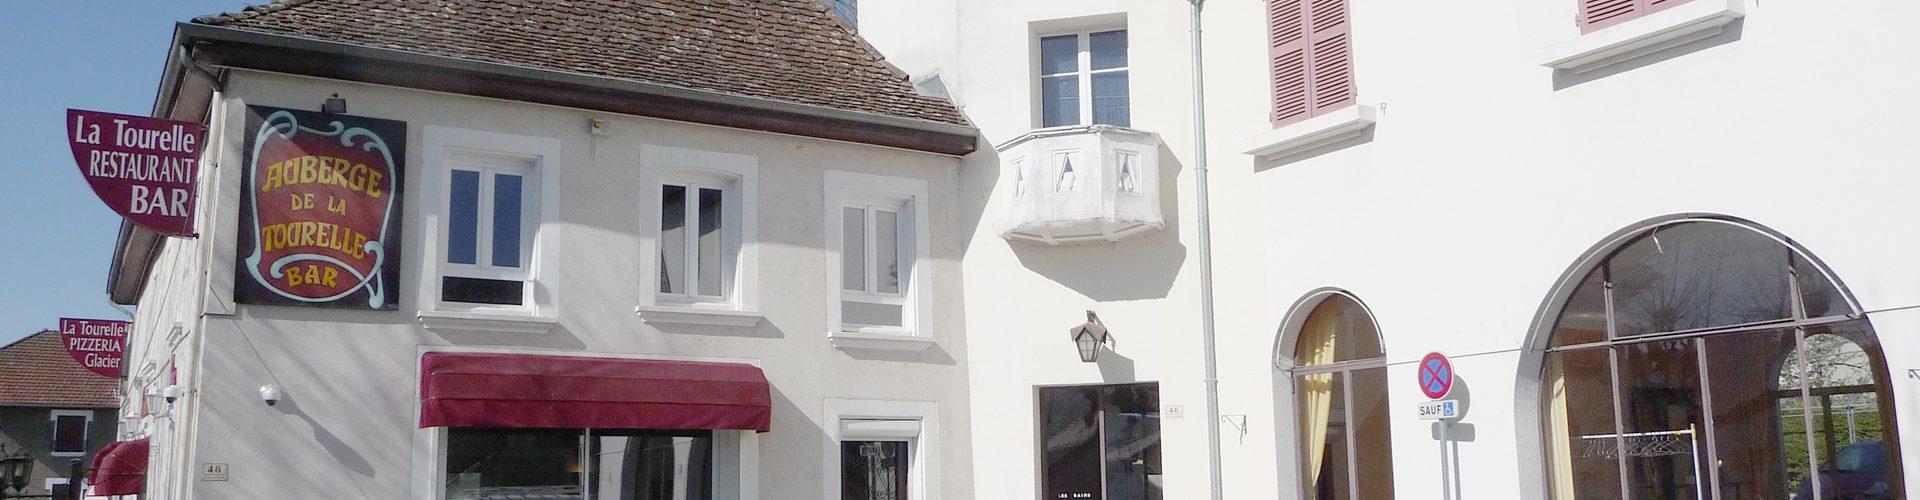 Restaurant Le Relais De La Tourelle - Entrée et Parking